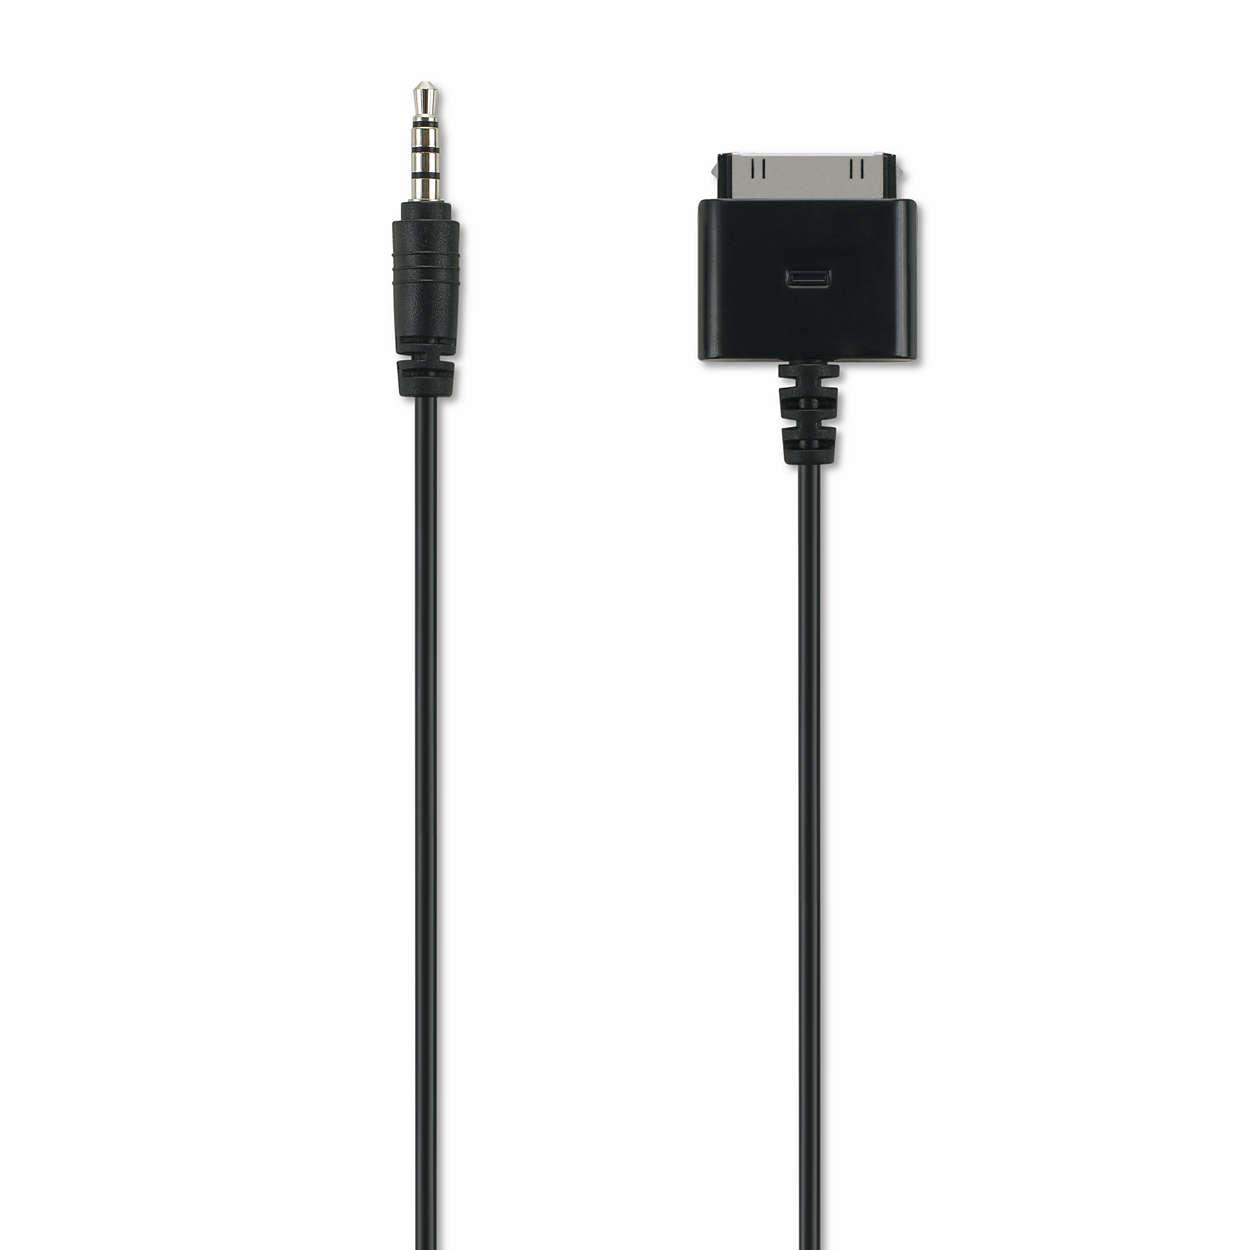 Audio-video kábel pre zariadenie iPhone/iPod/iPad